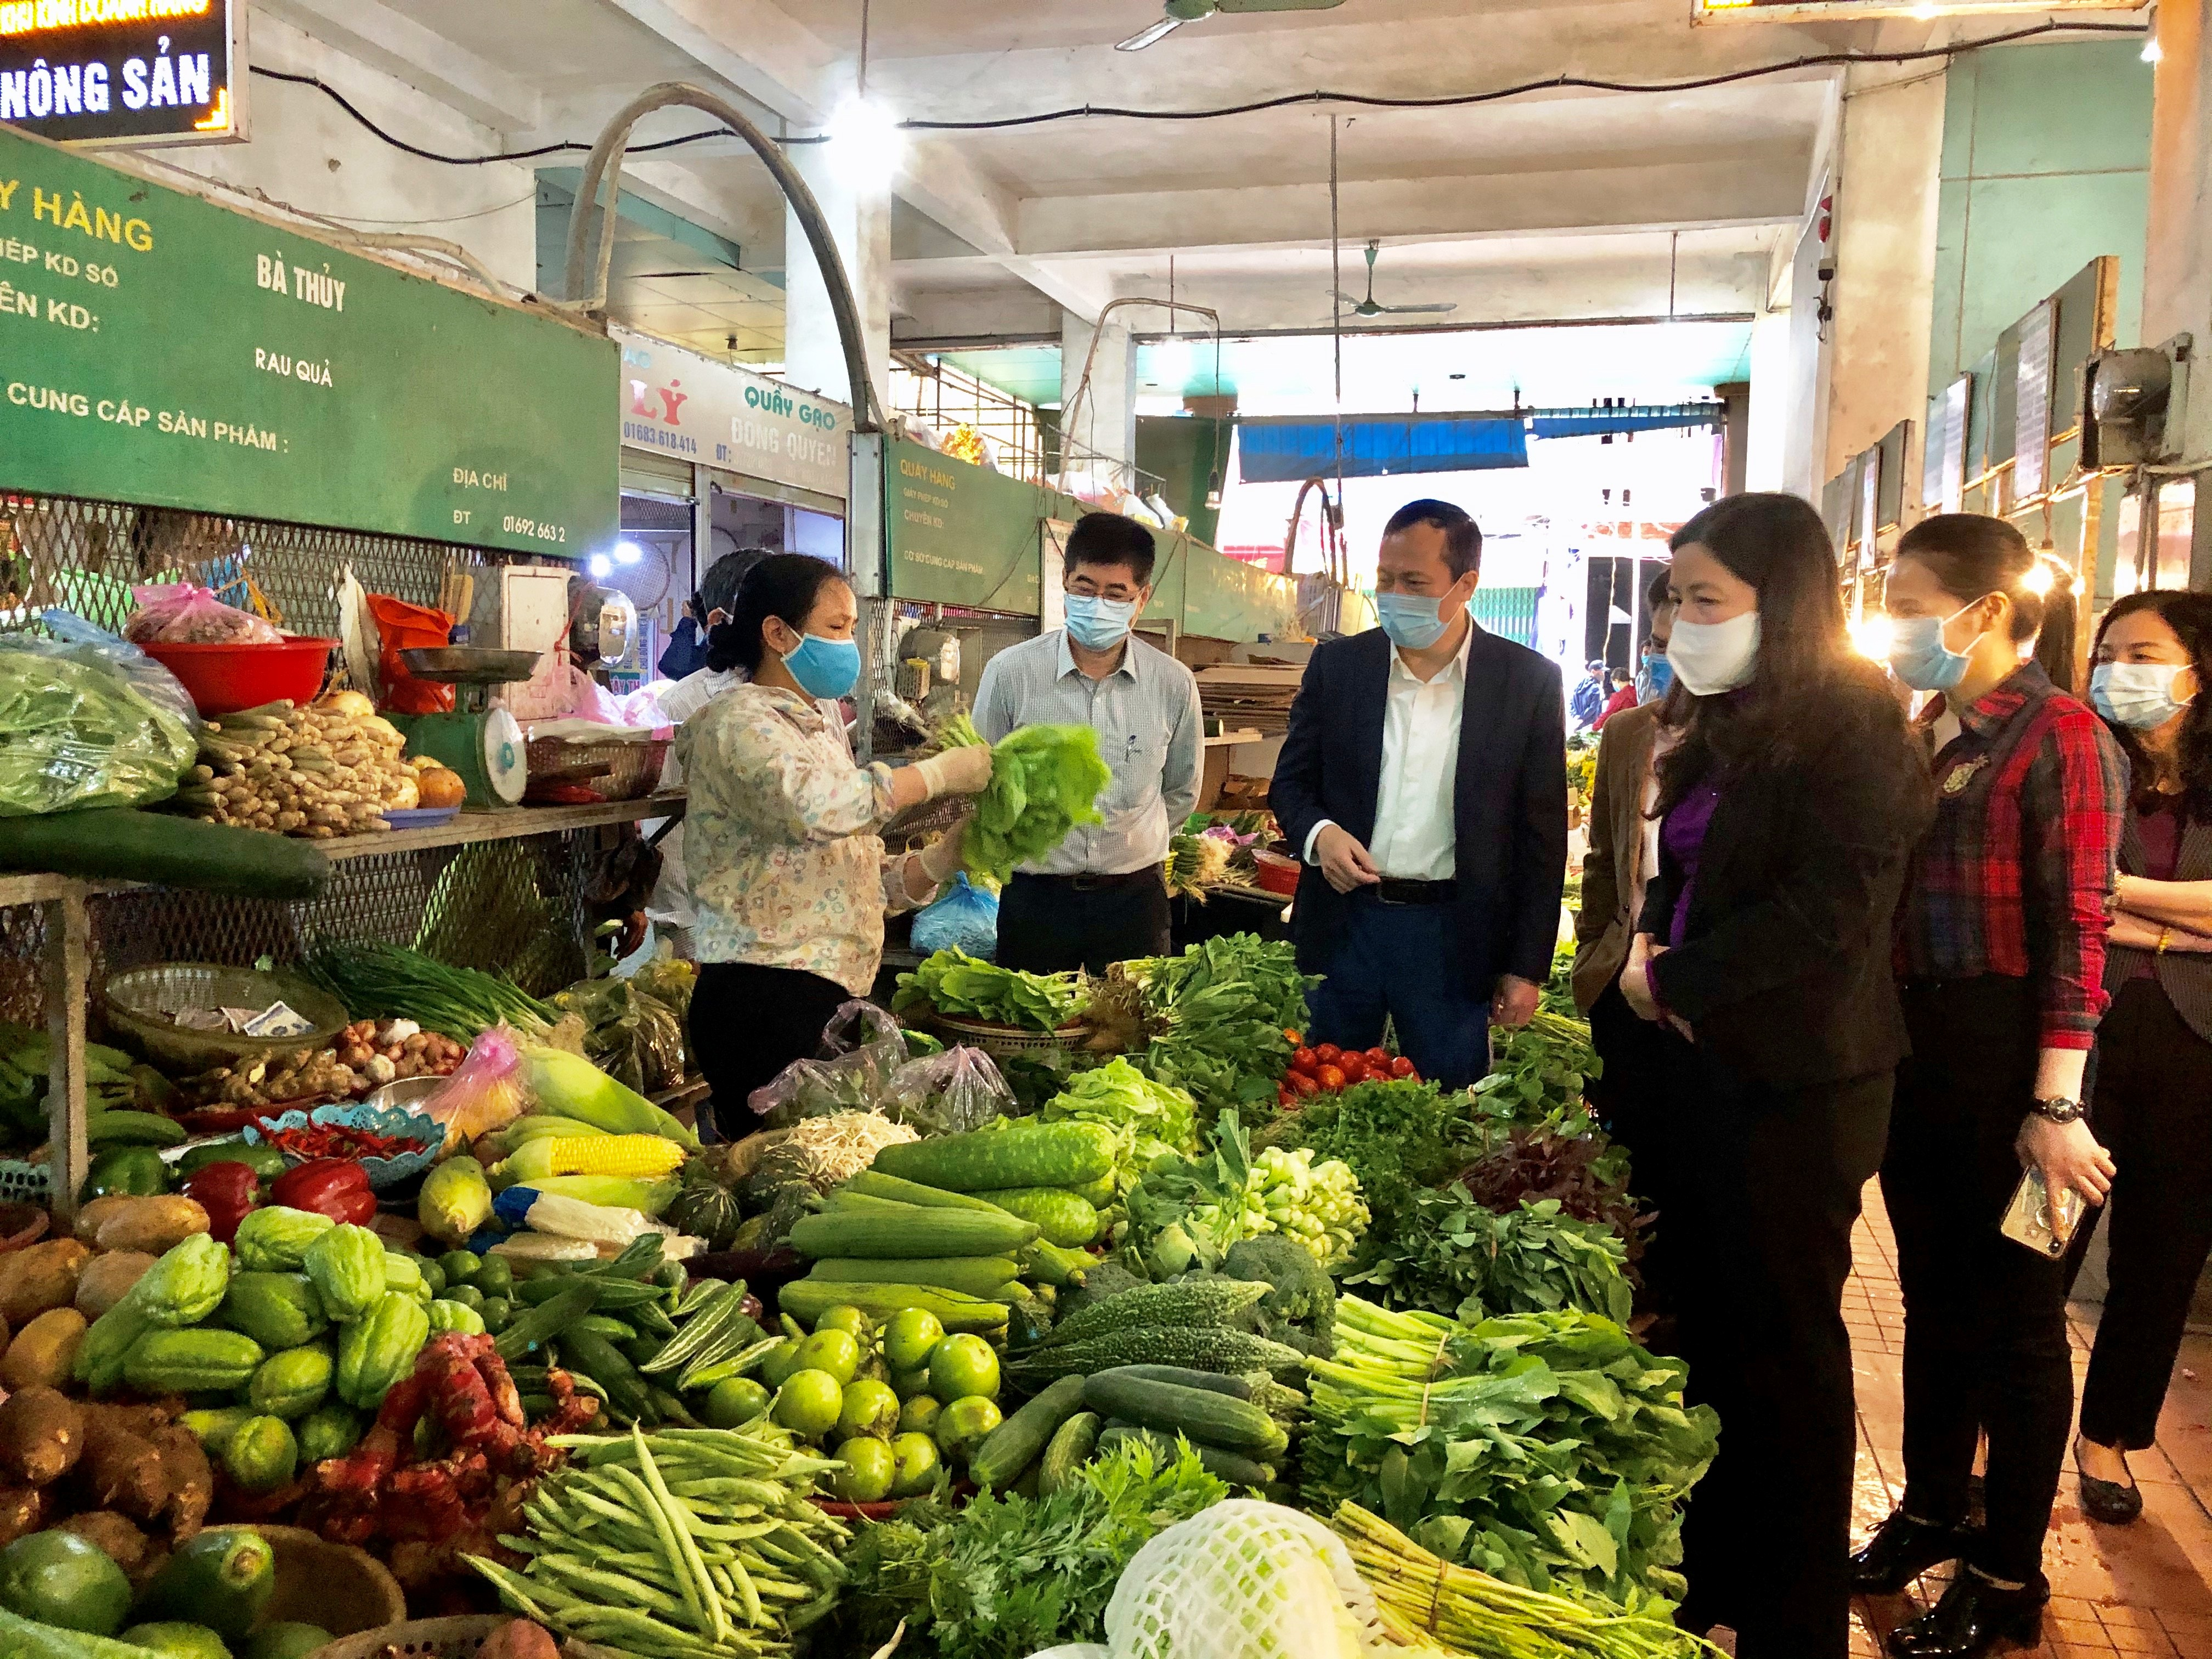 Bà Phạm Thị Thanh Thủy- Trưởng ban Dân vận Tỉnh ủy, Chủ tịch Ủy ban MTTQ Việt Nam tỉnh Thanh Hóa vận động người dân vừa chống dịch, vừa phát triển kinh tế.